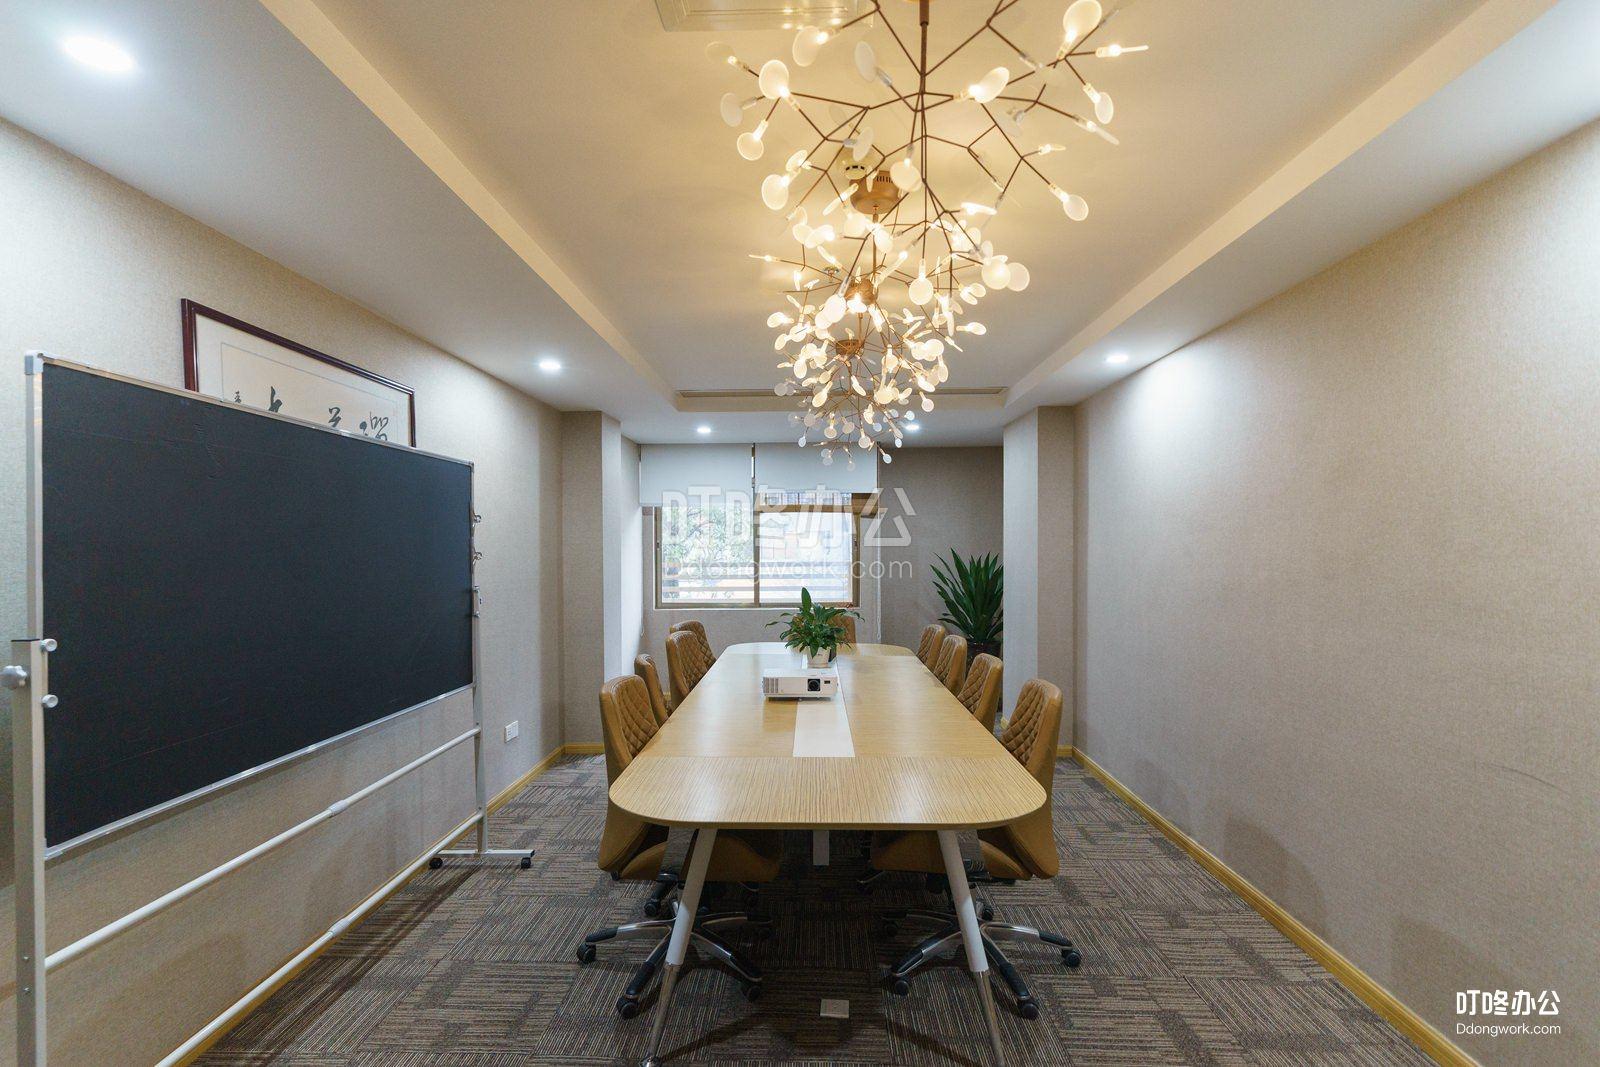 德冠廷商务中心会议室